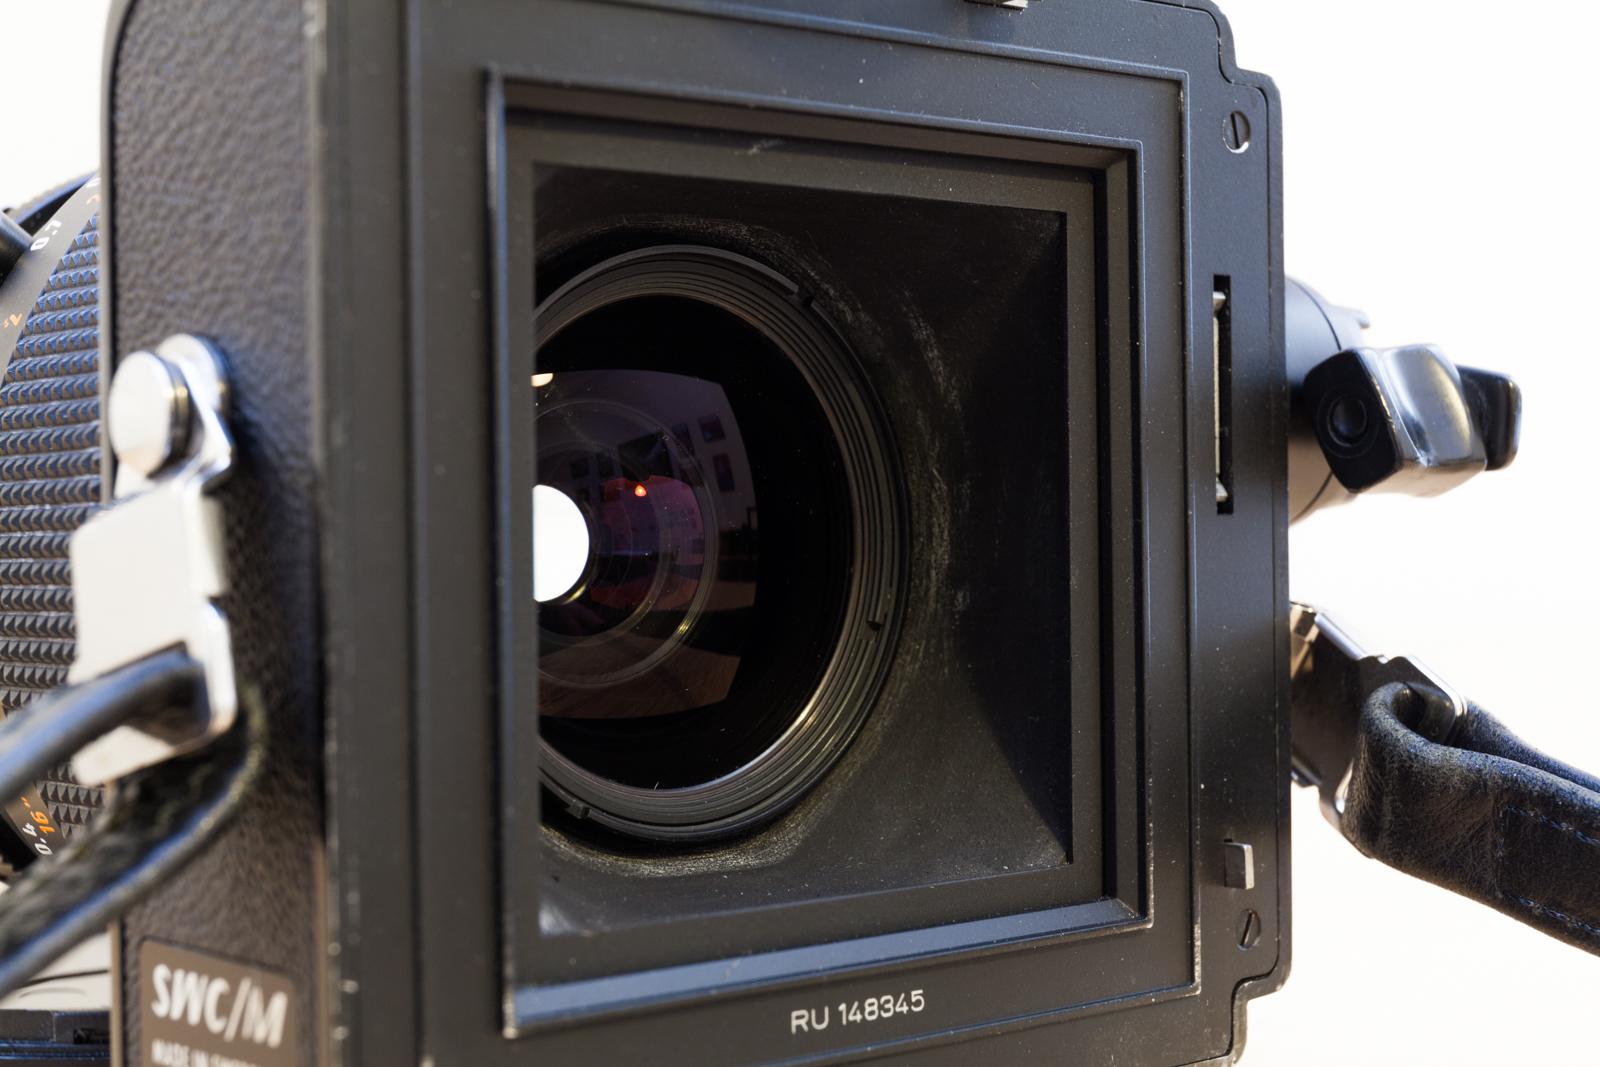 Vue de la lentille de sortie du Zeiss Biogon 38mm F/4.5 du moyen-format argentique Hasselblad SWC/M.